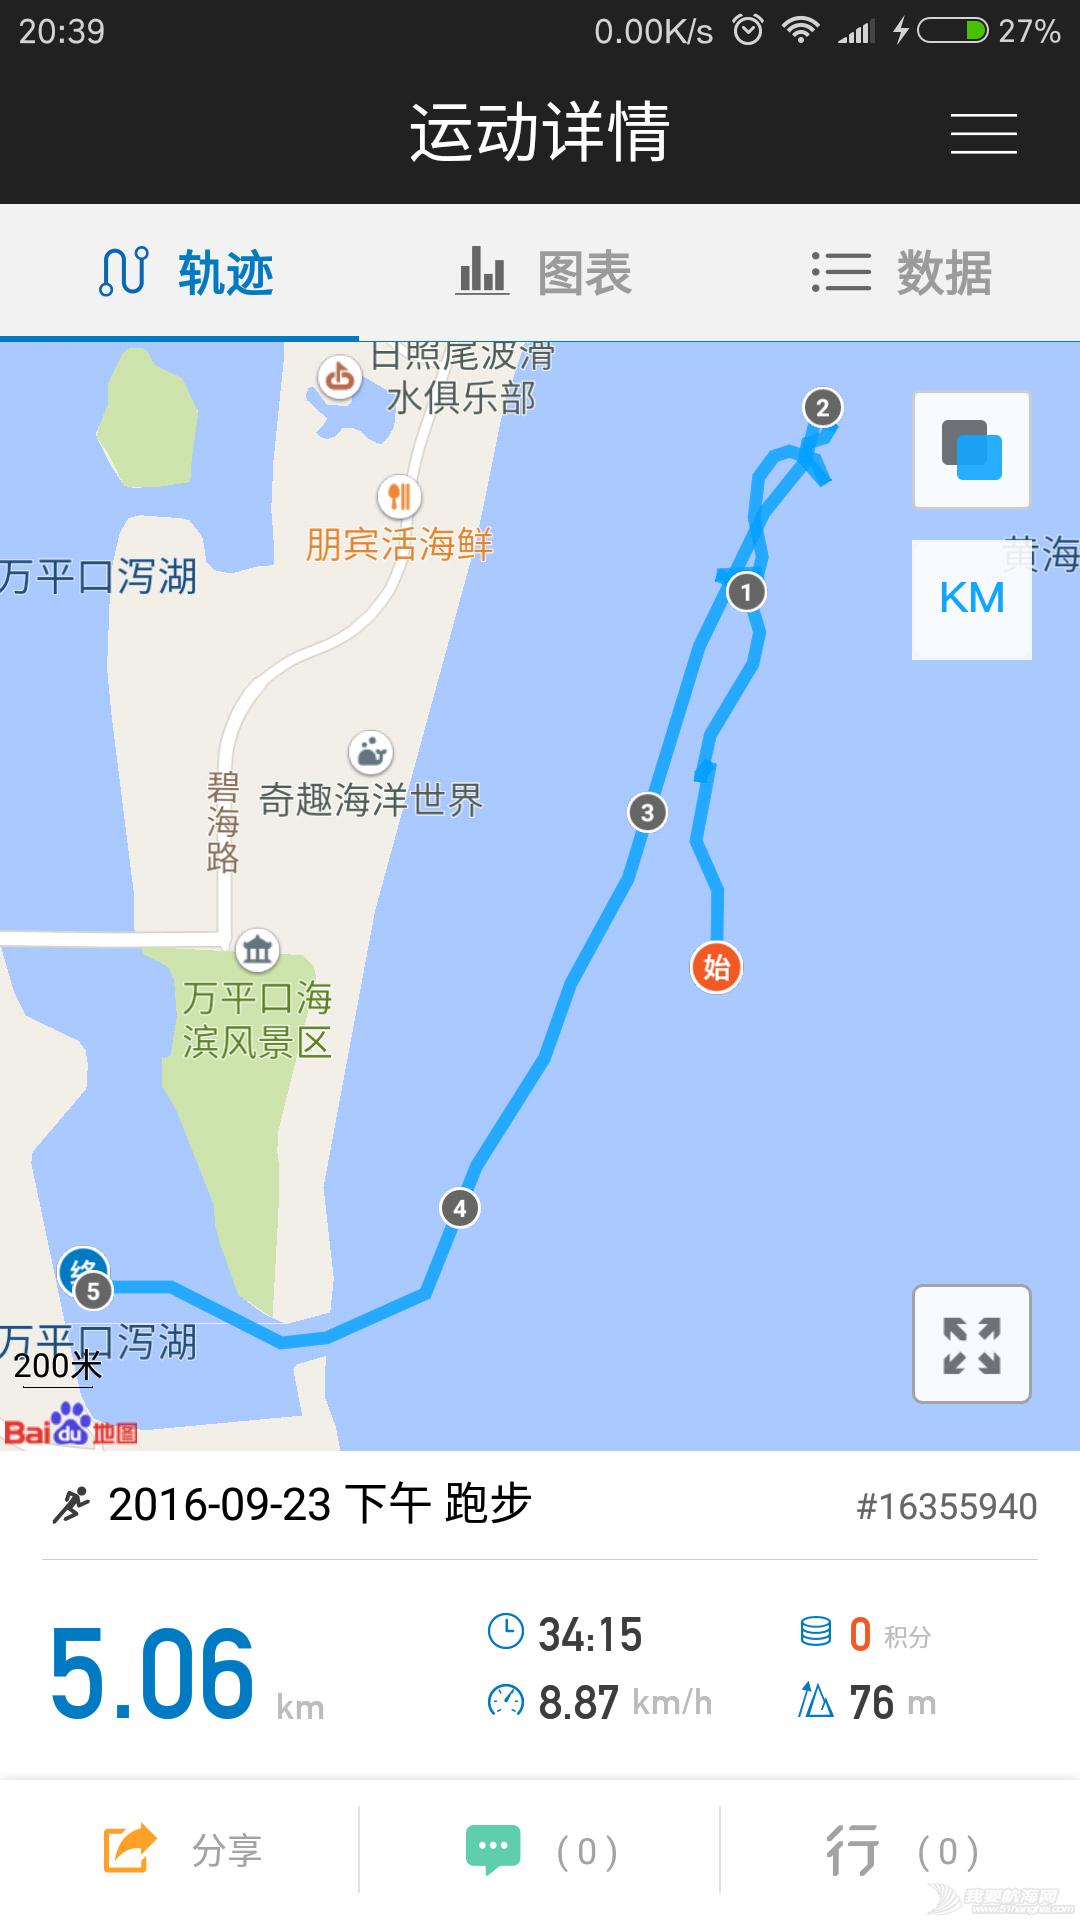 Screenshot_2016-09-23-20-39-44-005_im.xingzhe.png